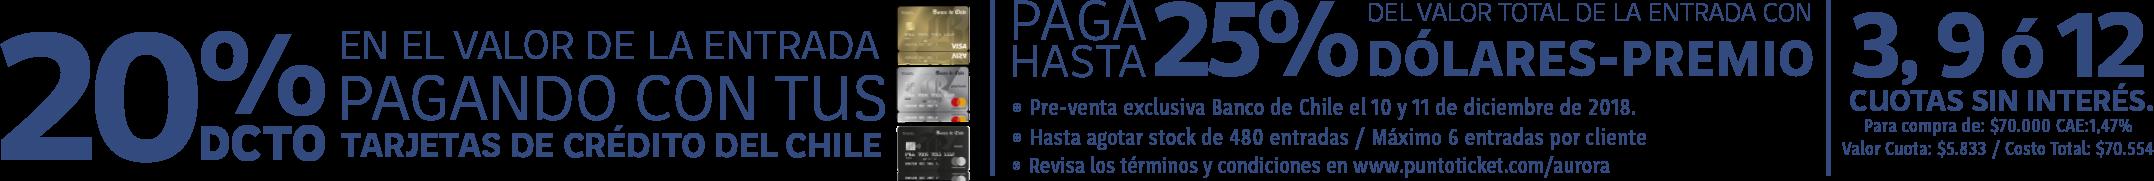 Promoción Banco de Chile para la compra de entradas de Aurora en Chile - 2019